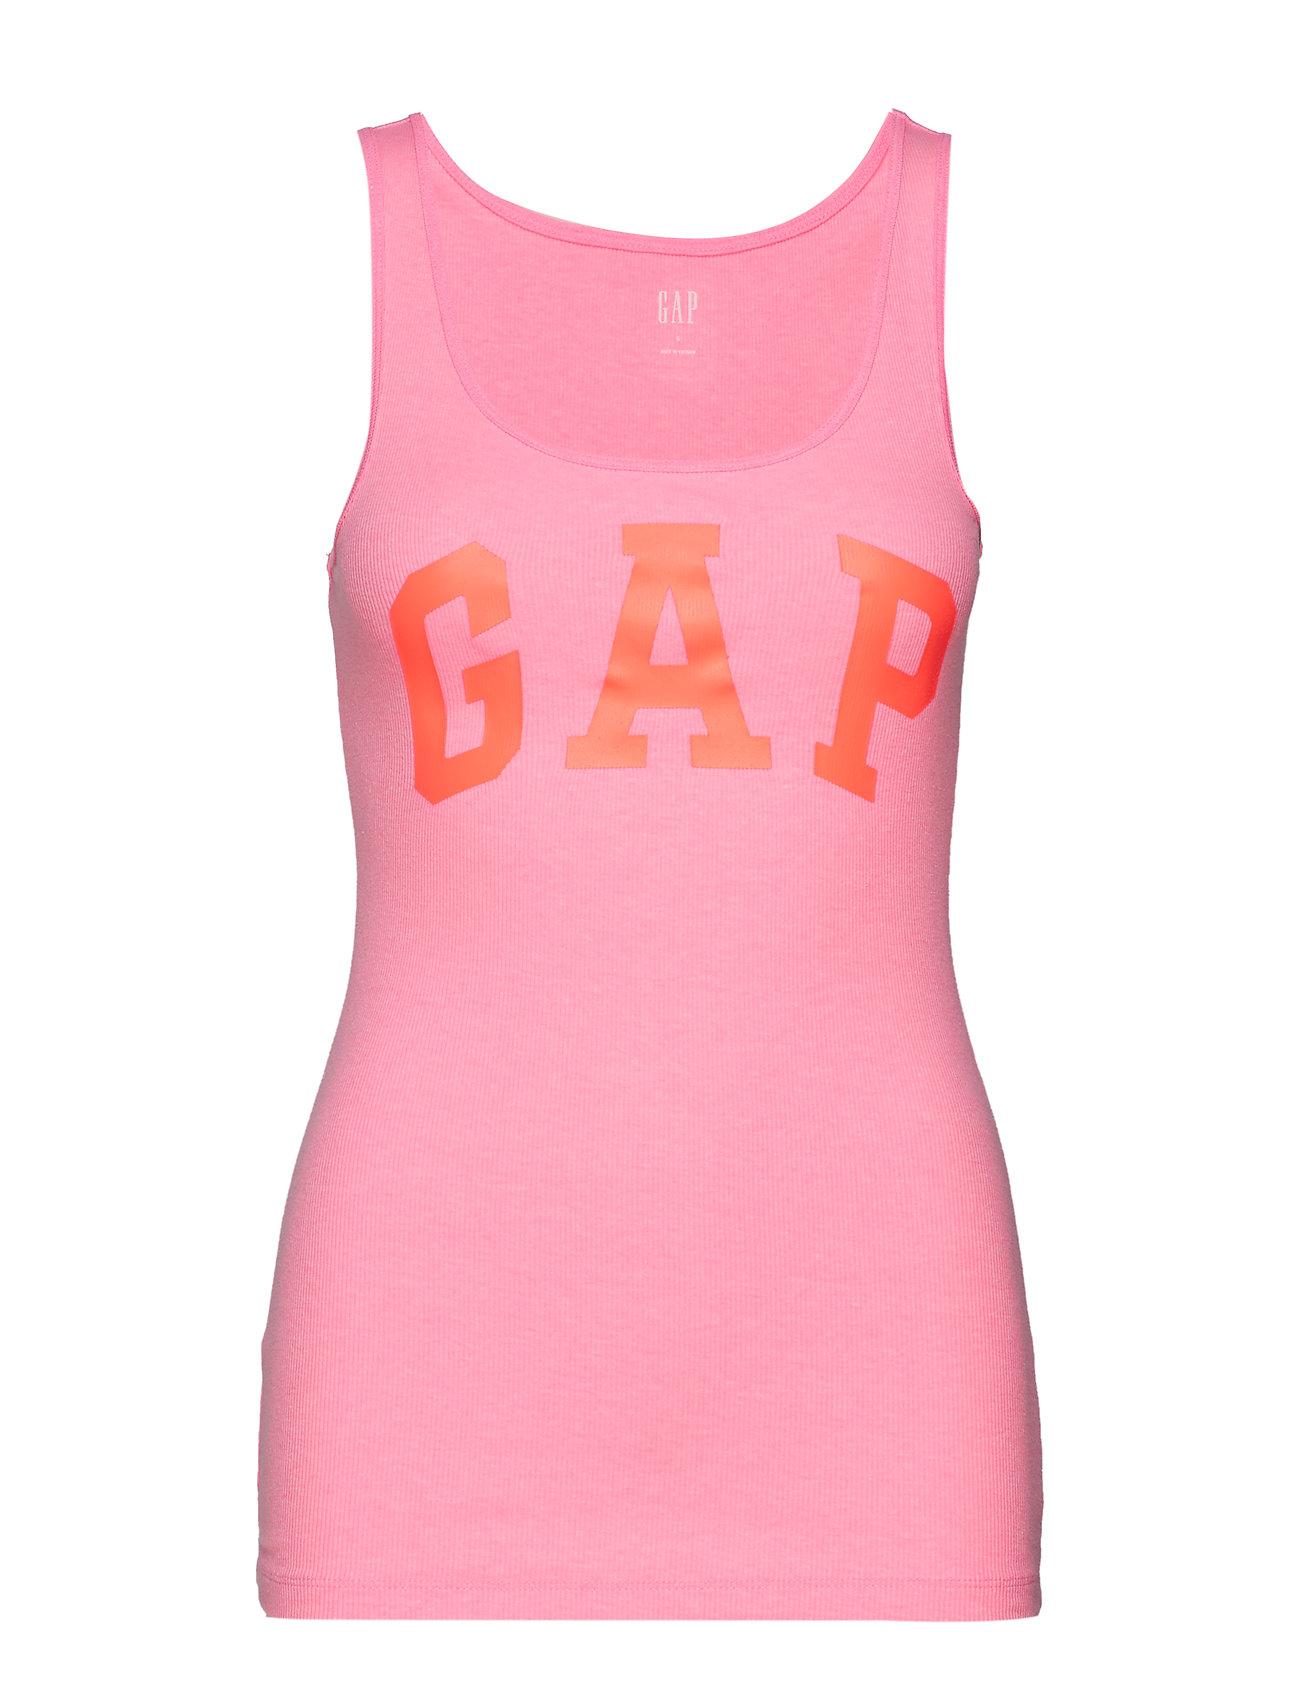 V Sl Tankneon Impulsive Bf logo PinkGap qSVpGUMz